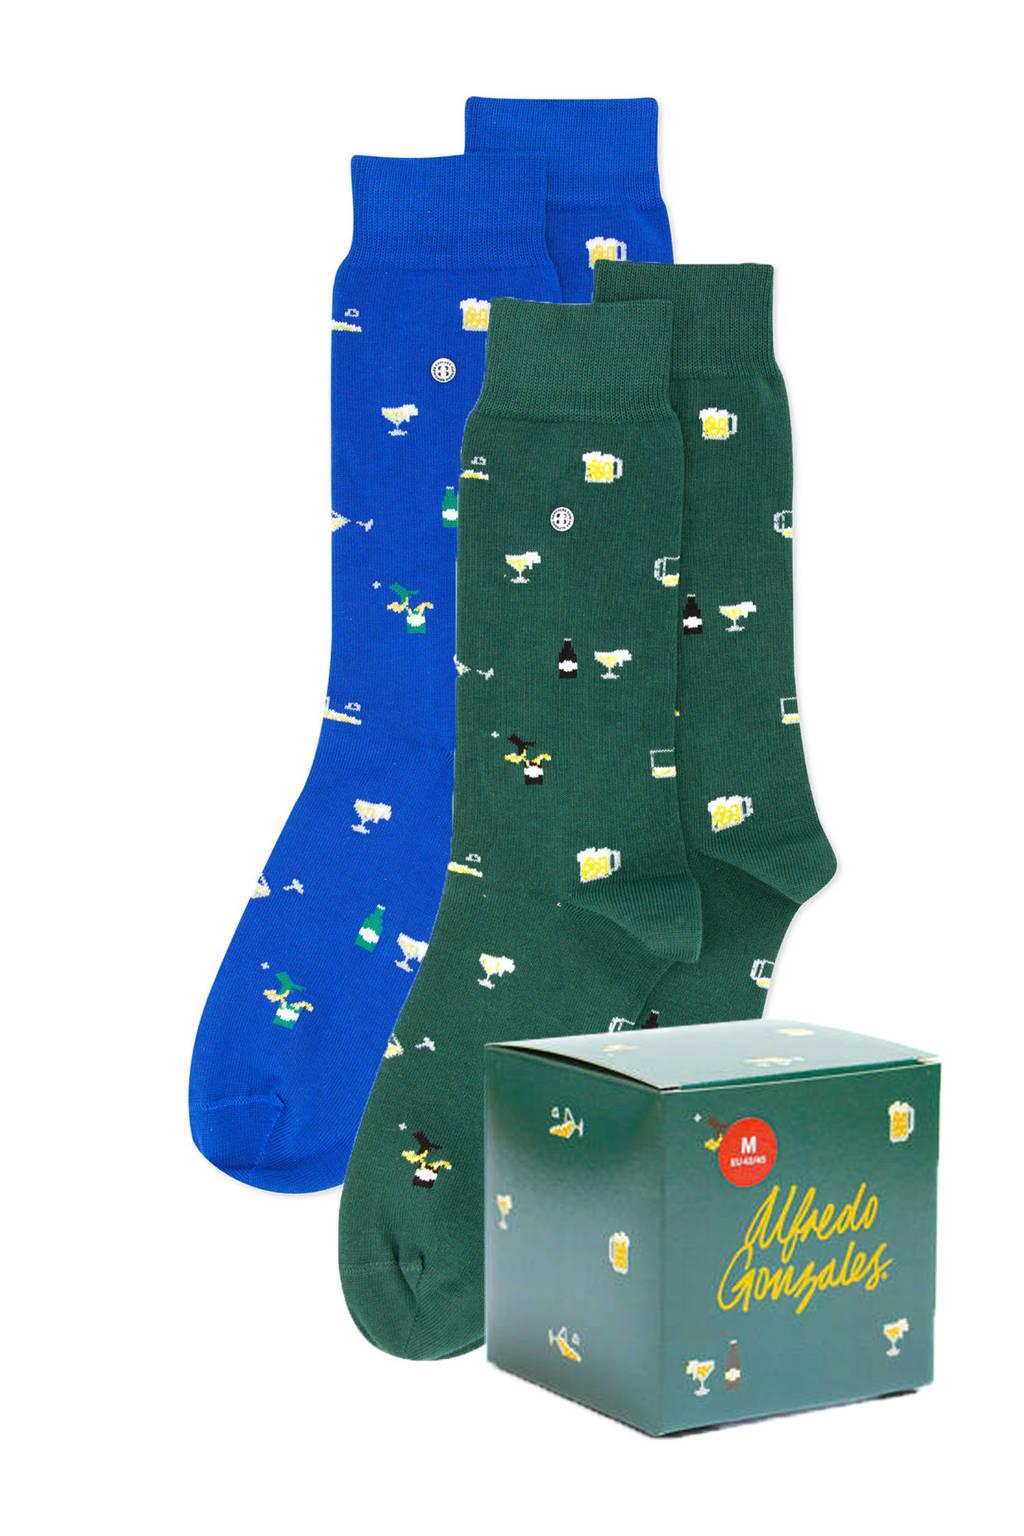 Alfredo Gonzales giftbox sokken Beer - set van 2 groen/blauw, Groen/blauw